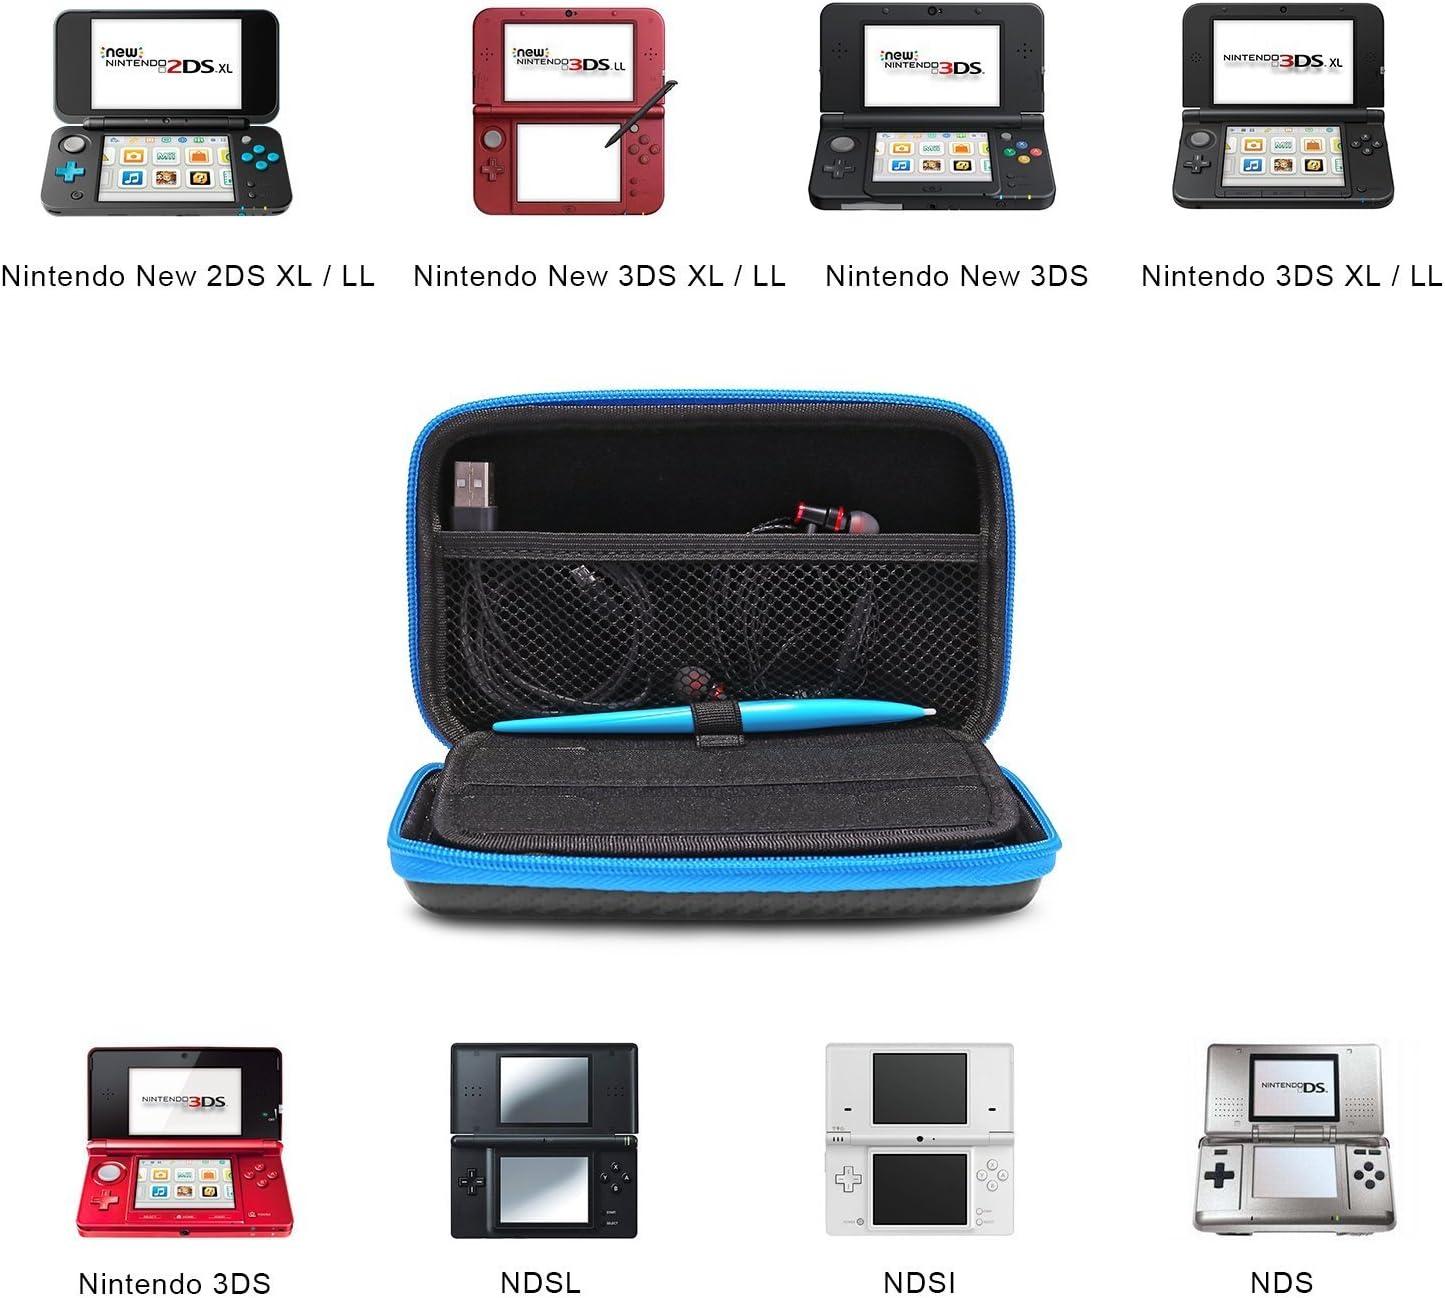 KINGTOP Nintendo 2DS XL Estuche Rígido Antichoque Funda Protector de Almacenamiento para la Nueva Consola y Accesorios Nintendo 2DS XL/LL / 3DS XL/LL, Negro y Azul: Amazon.es: Electrónica